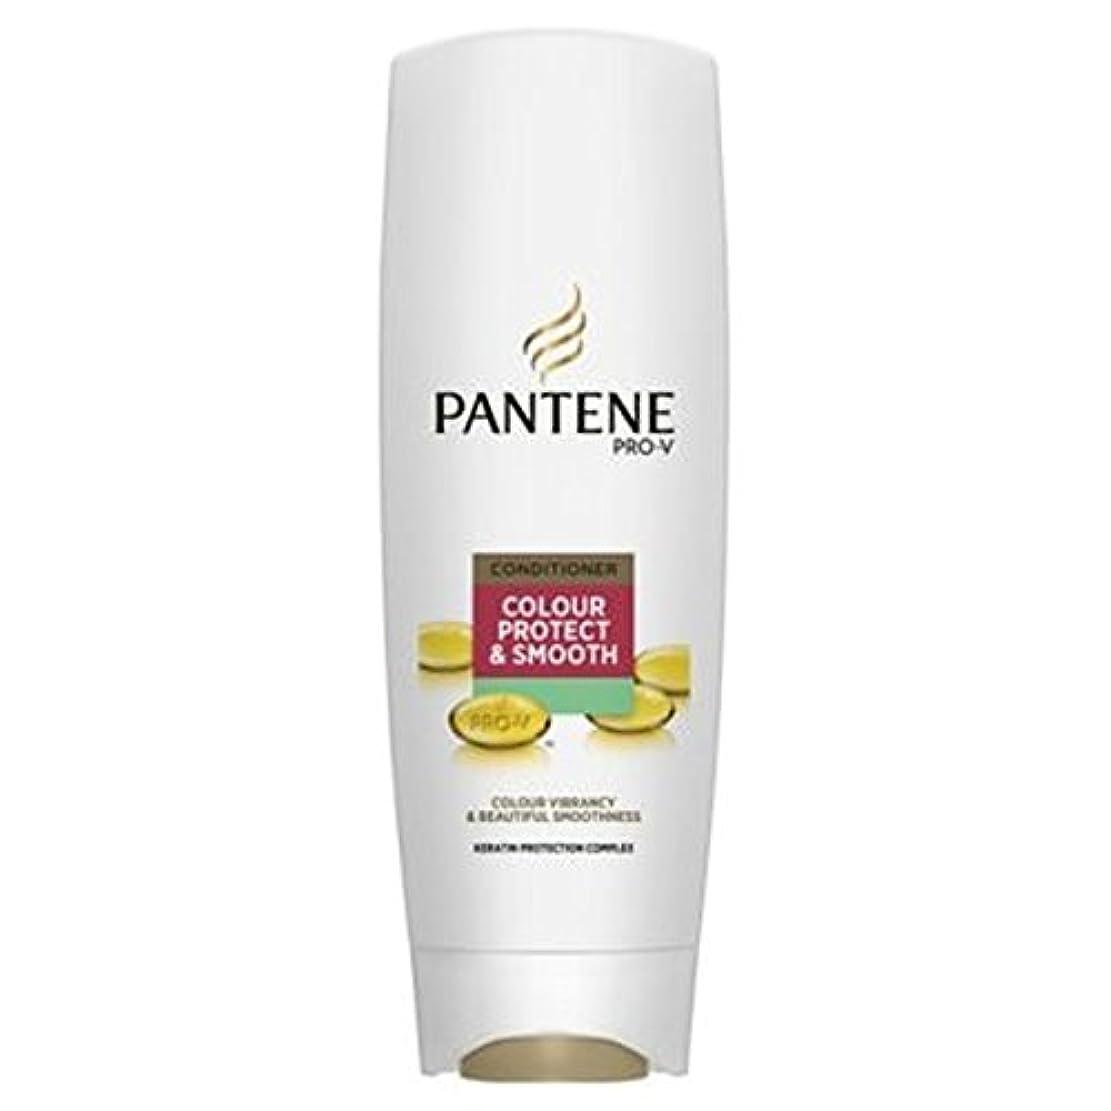 パンテーンプロVの色保護&スムーズコンディショナー360ミリリットル (Pantene) (x2) - Pantene Pro-V Colour Protect & Smooth Conditioner 360ml (Pack...